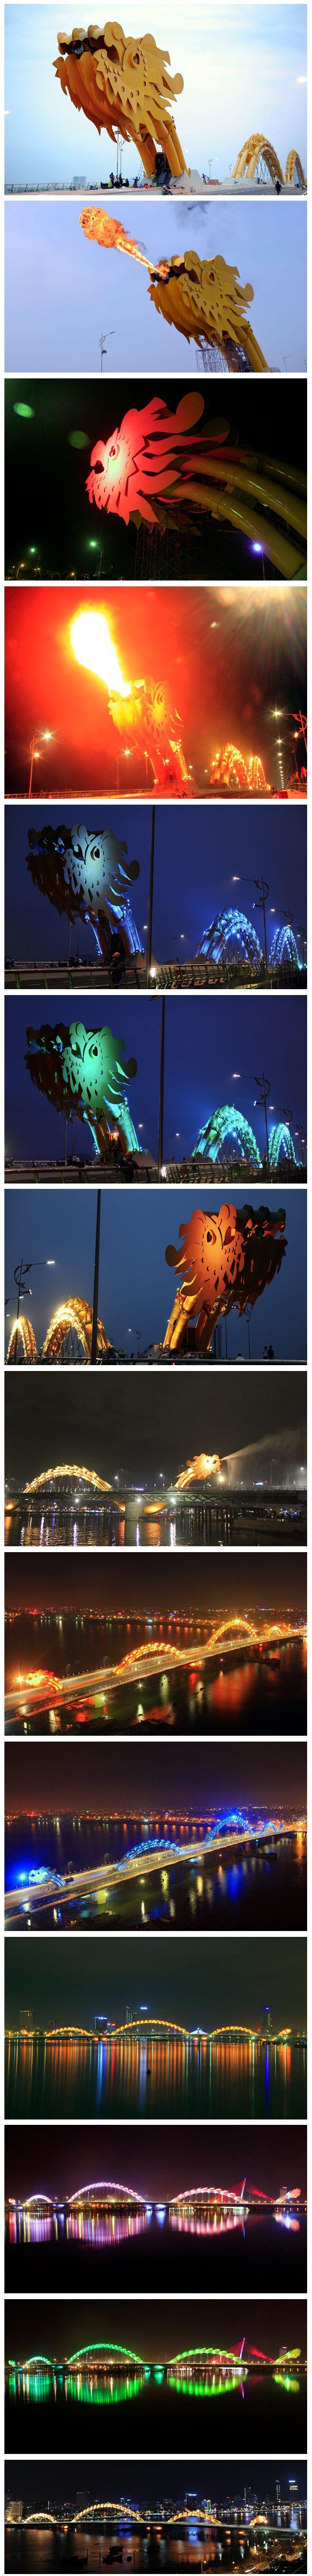 pont dragon Un pont en forme de dragon au Vietnam  lieux information bonus